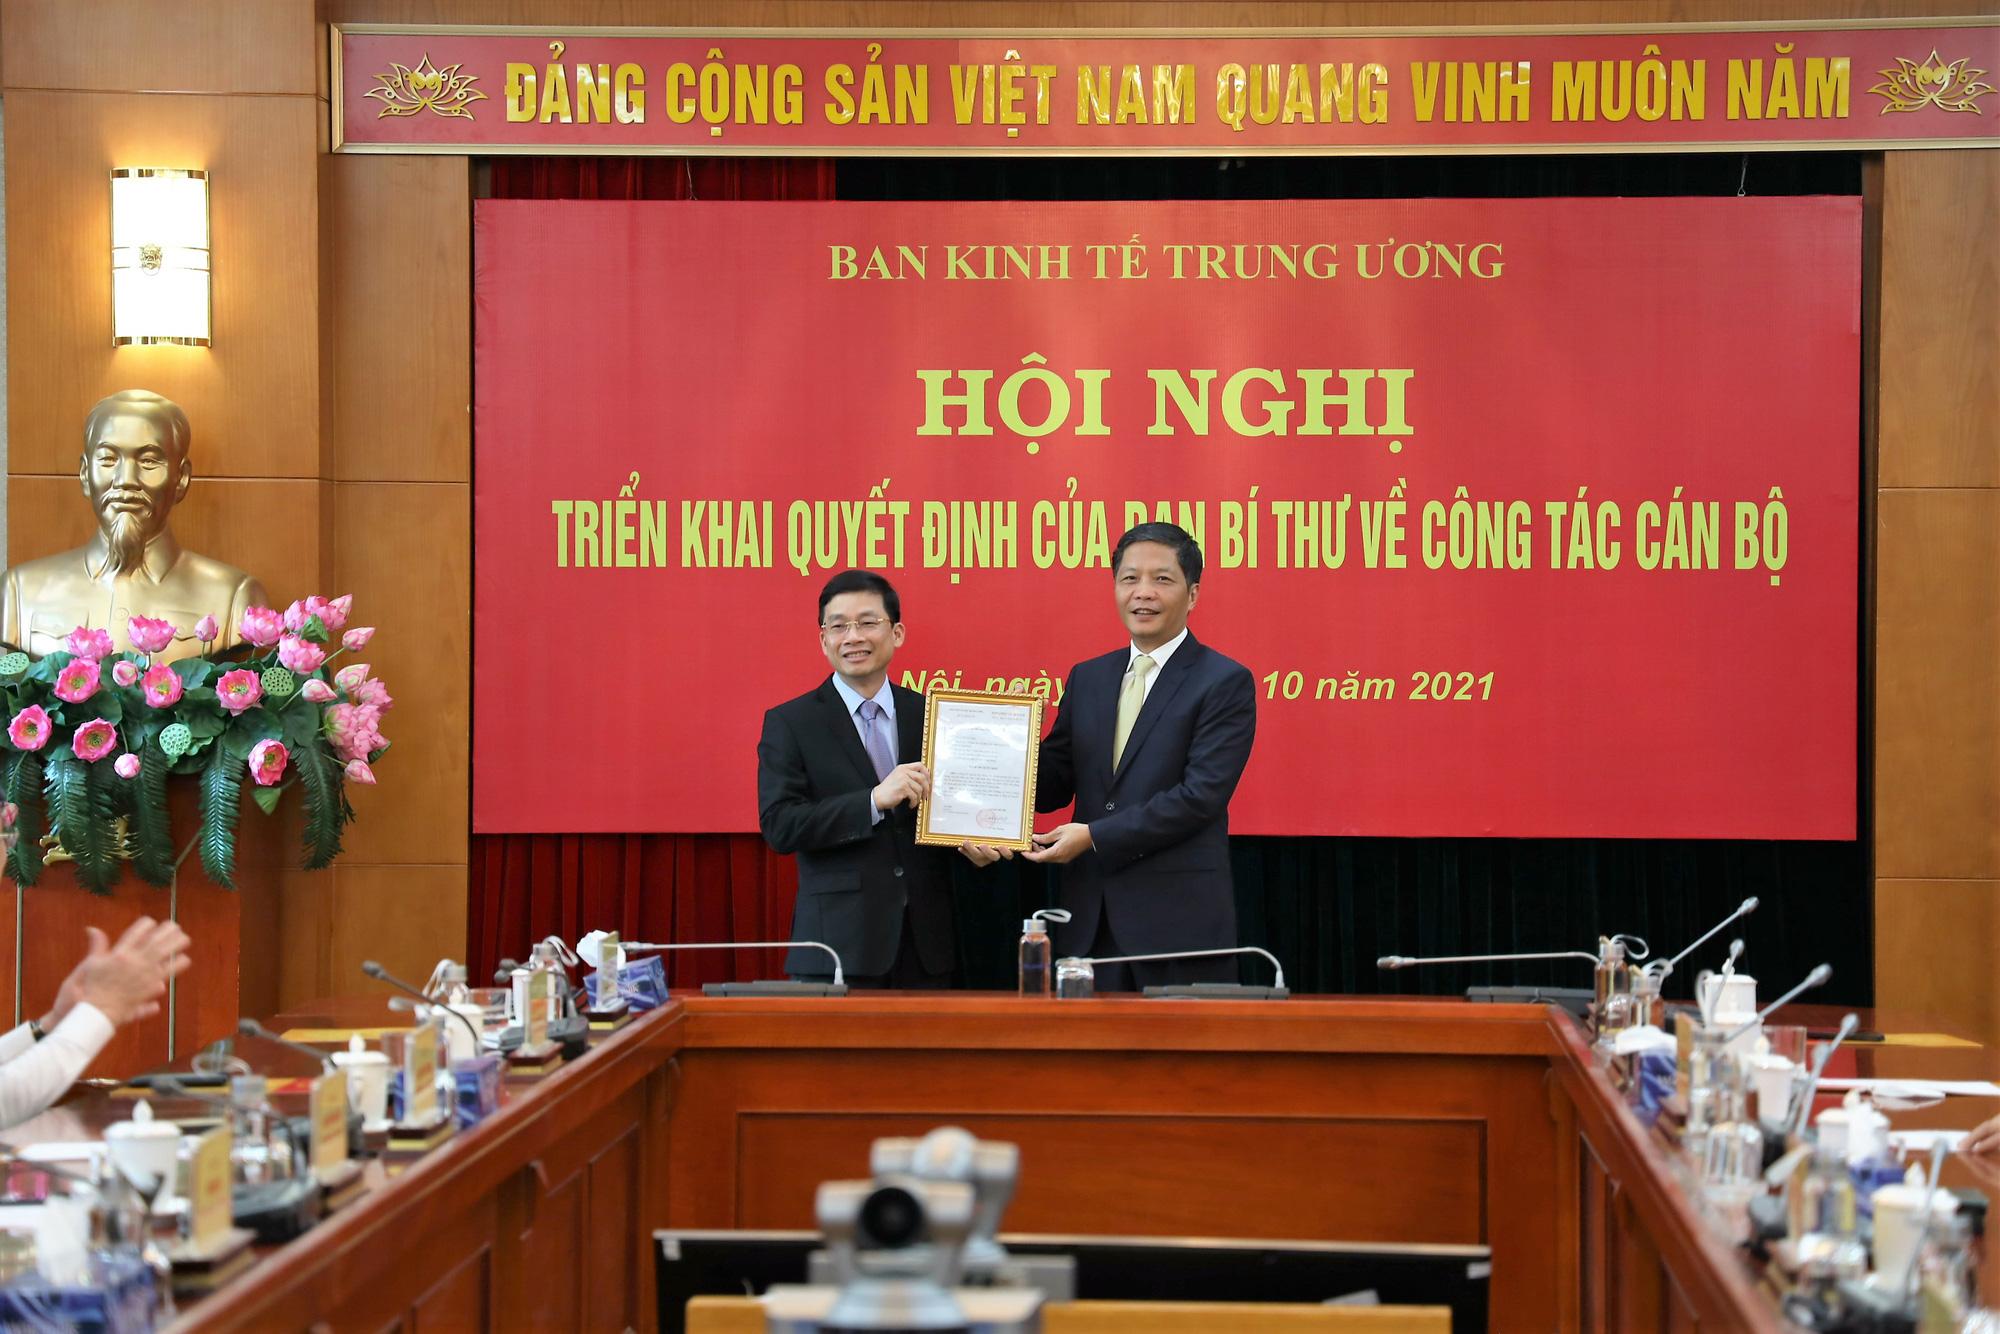 Trao quyết định bổ nhiệm Phó Trưởng Ban Kinh tế Trung ương cho ông Nguyễn Duy Hưng